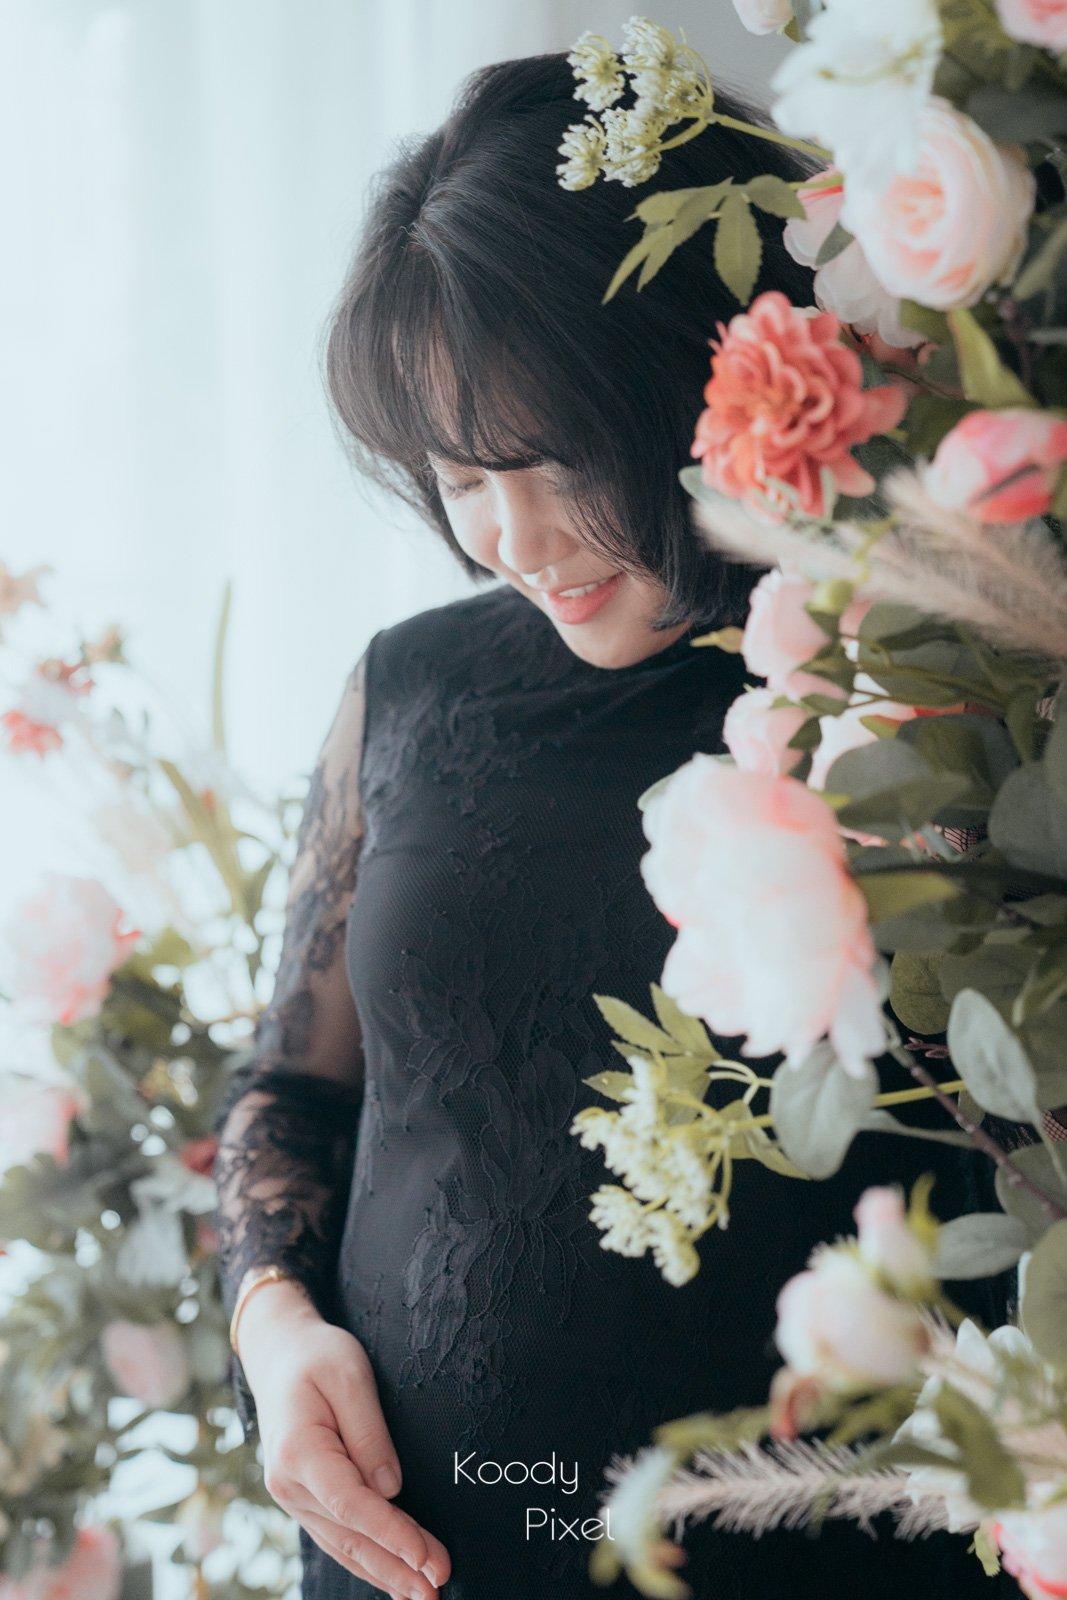 黑色孕婦裙配搭花,又帶出另一種優雅。